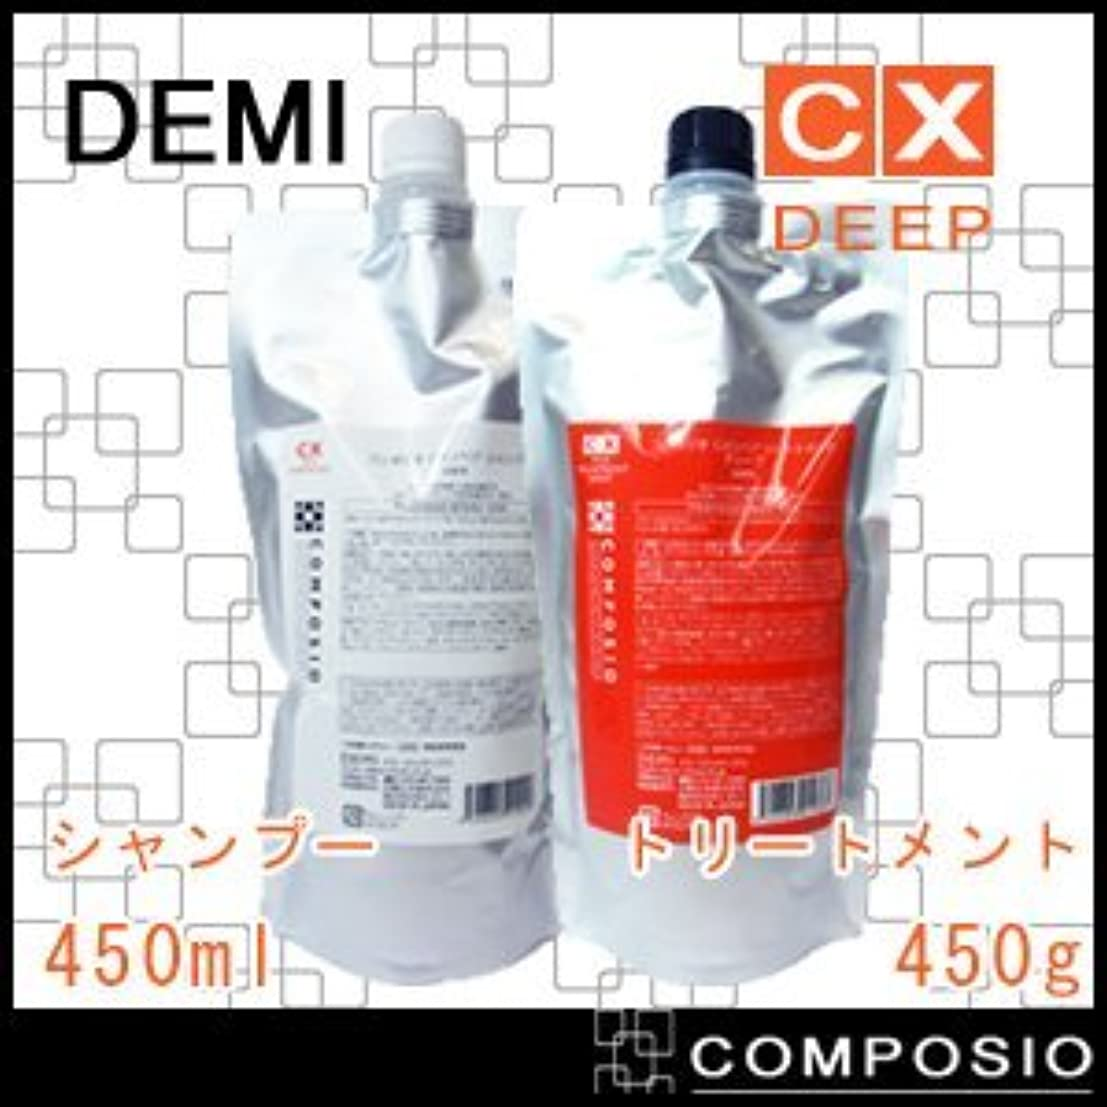 混雑に渡って永遠のデミ コンポジオ CXリペアシャンプー&トリートメント ディープ 詰替 450ml,450g